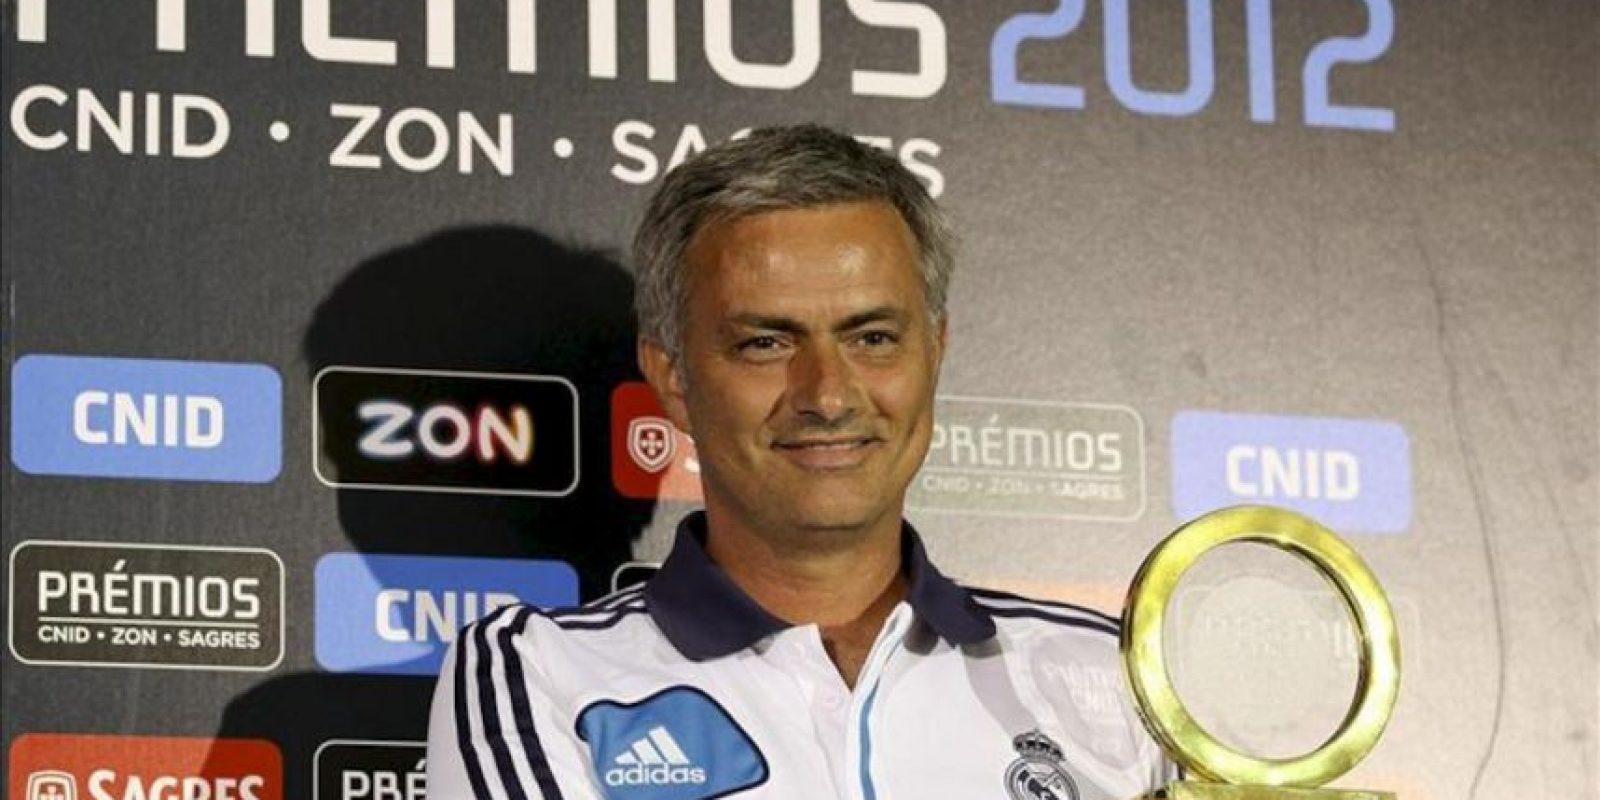 El entrenador del Real Madrid, el portugués Jose Mourinho, posa con el premio de la asociación de periodistas deportivos de Portugal (CNID) durante una rueda de prensa convocada en Lisboa (Portugal) hoy, viernes 27 de julio. EFE